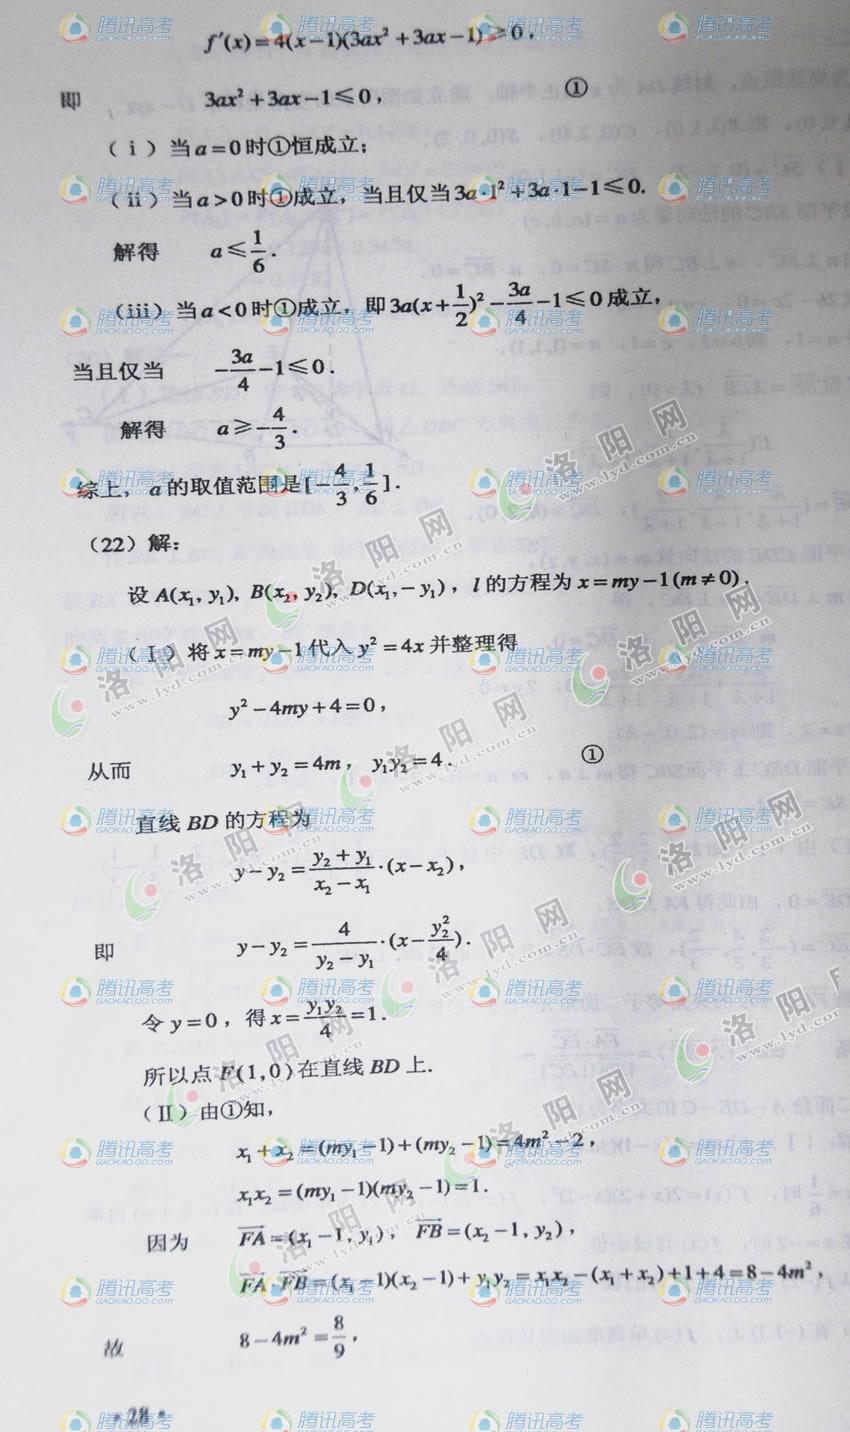 河北文科数学答案5